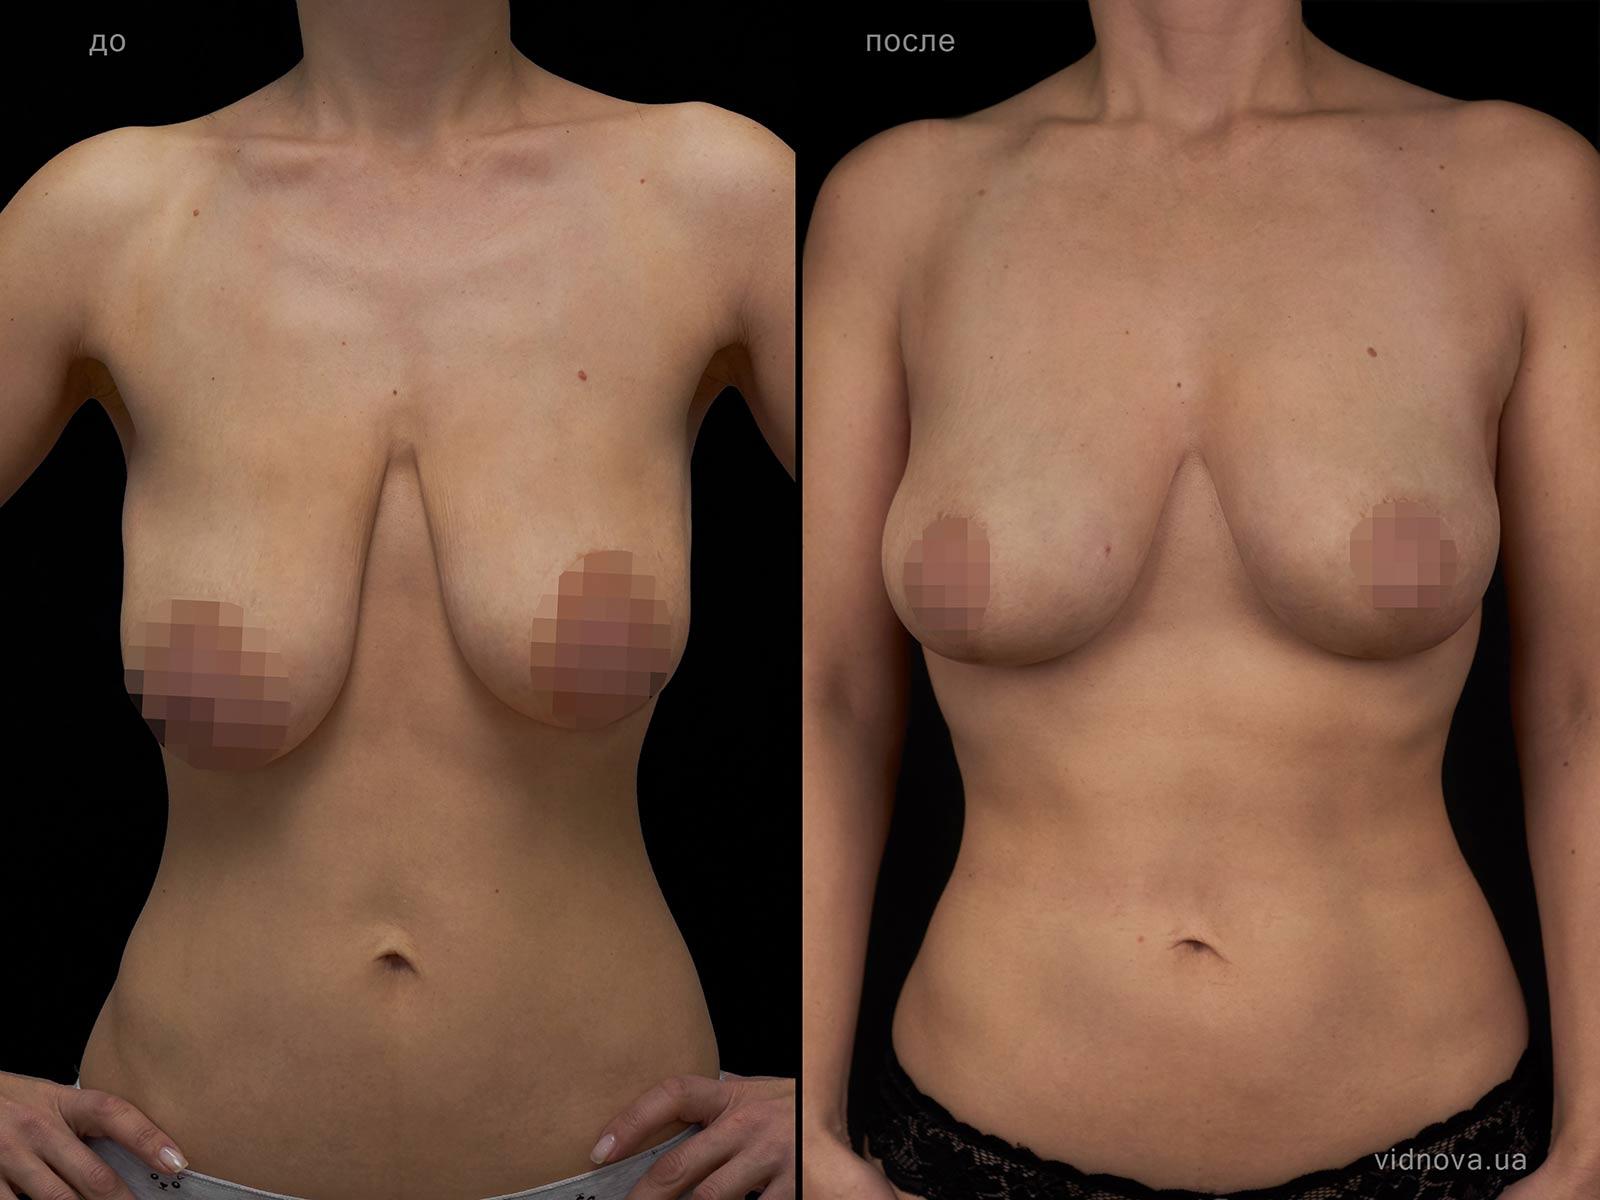 Пластика груди: результаты до и после - Пример №104-0 - Светлана Работенко